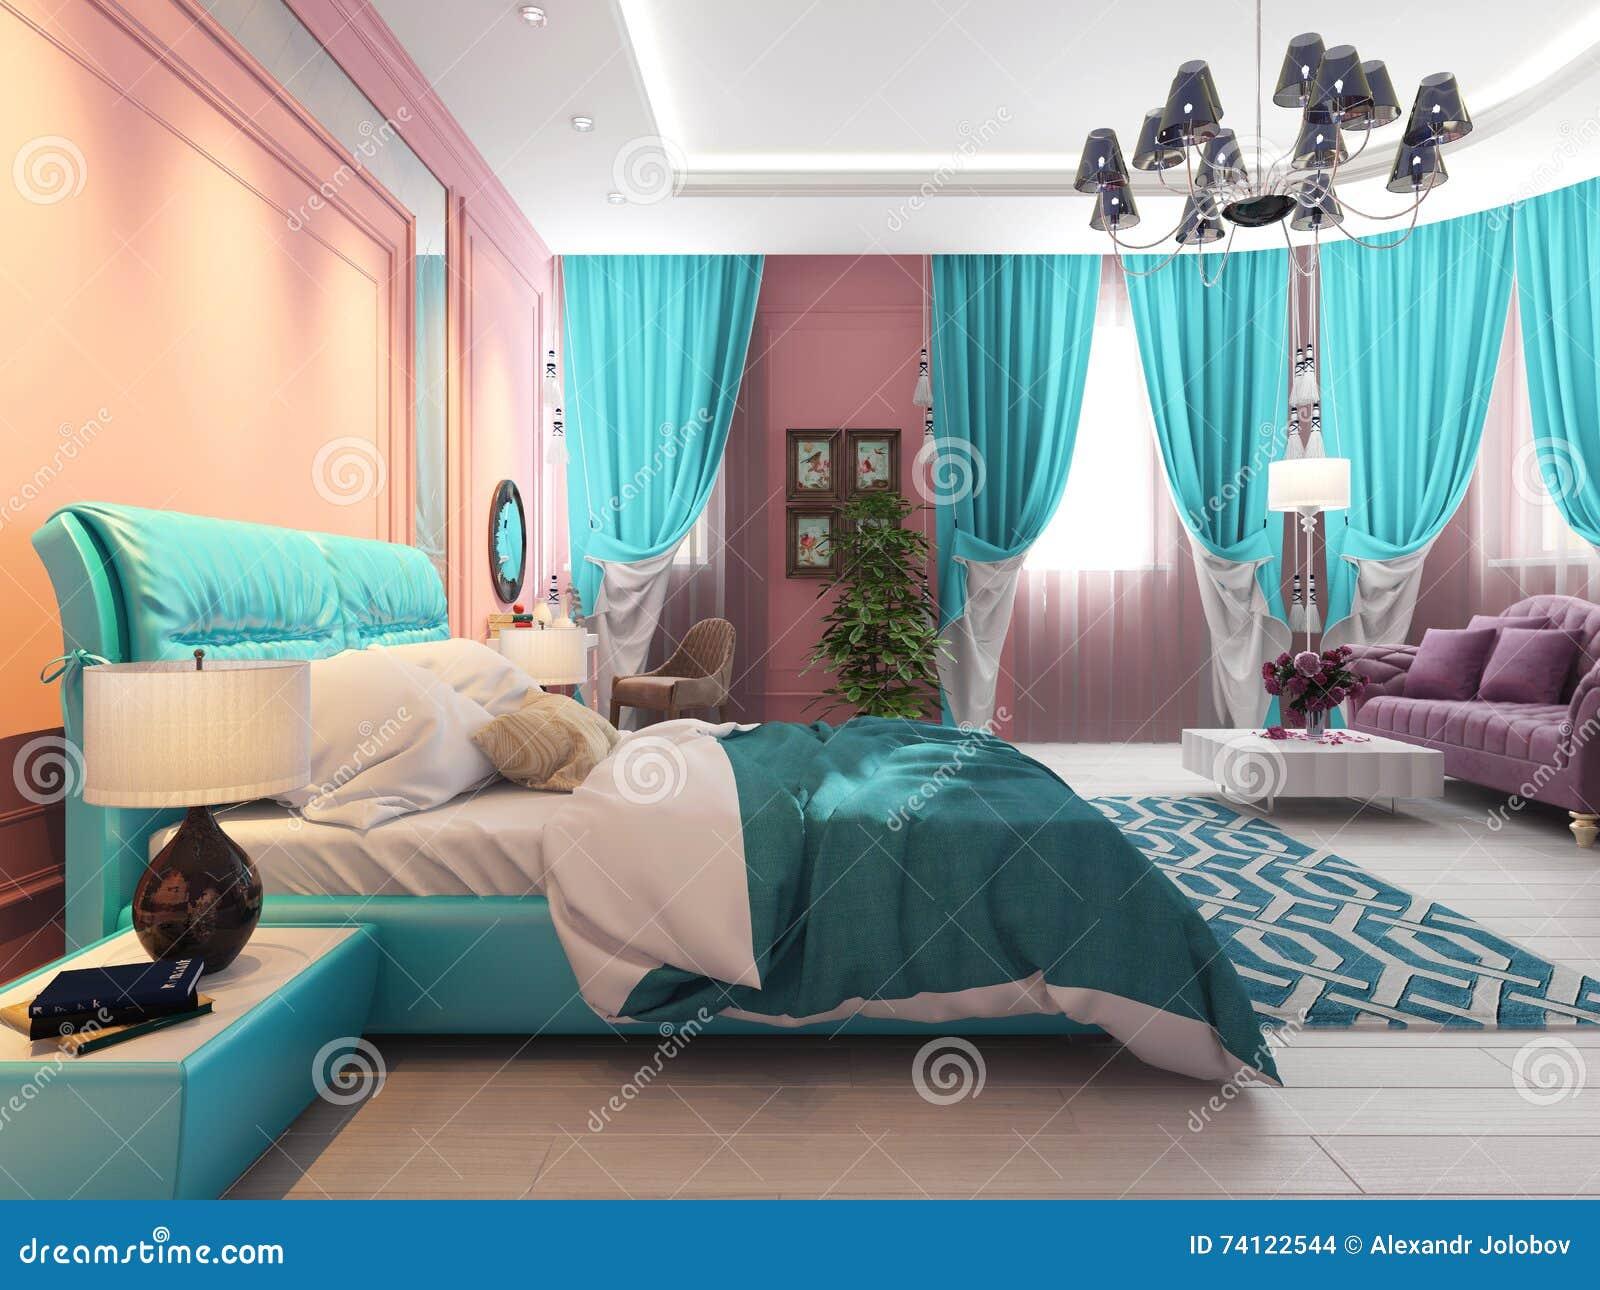 schlafzimmer mit einem bett und einem sofa rosa vorh nge. Black Bedroom Furniture Sets. Home Design Ideas